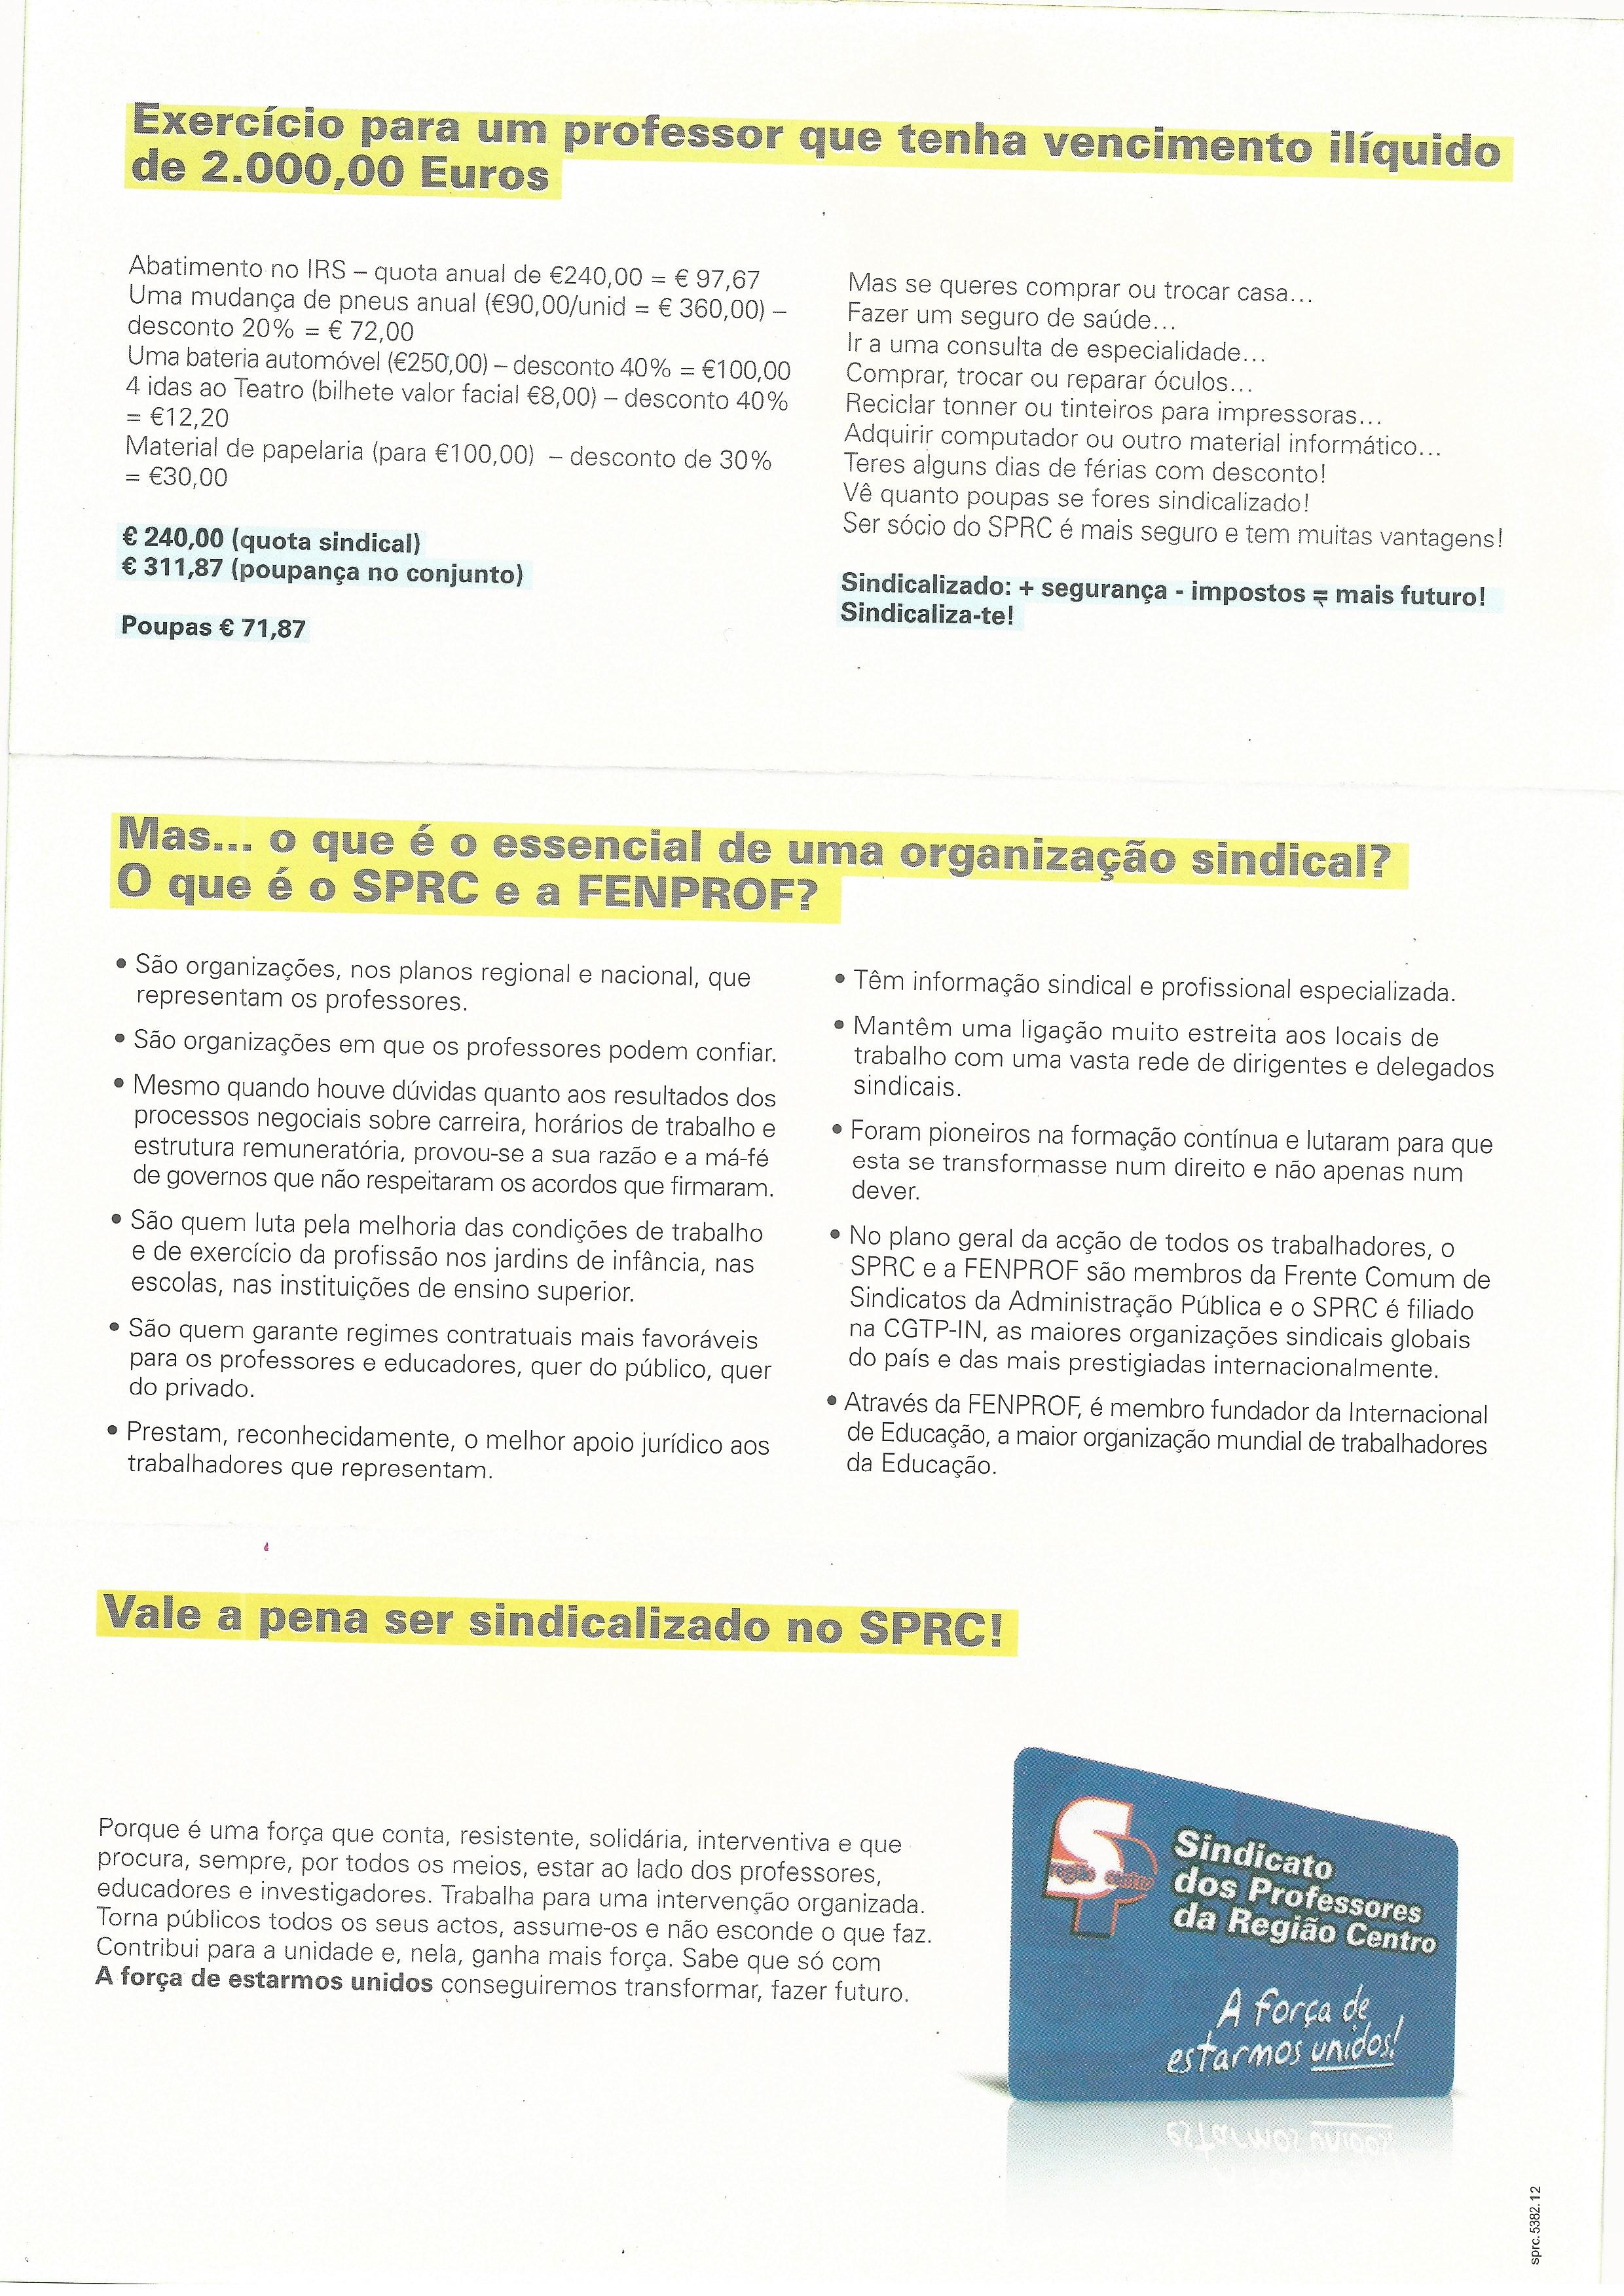 Scanner_20170707_4 (2)